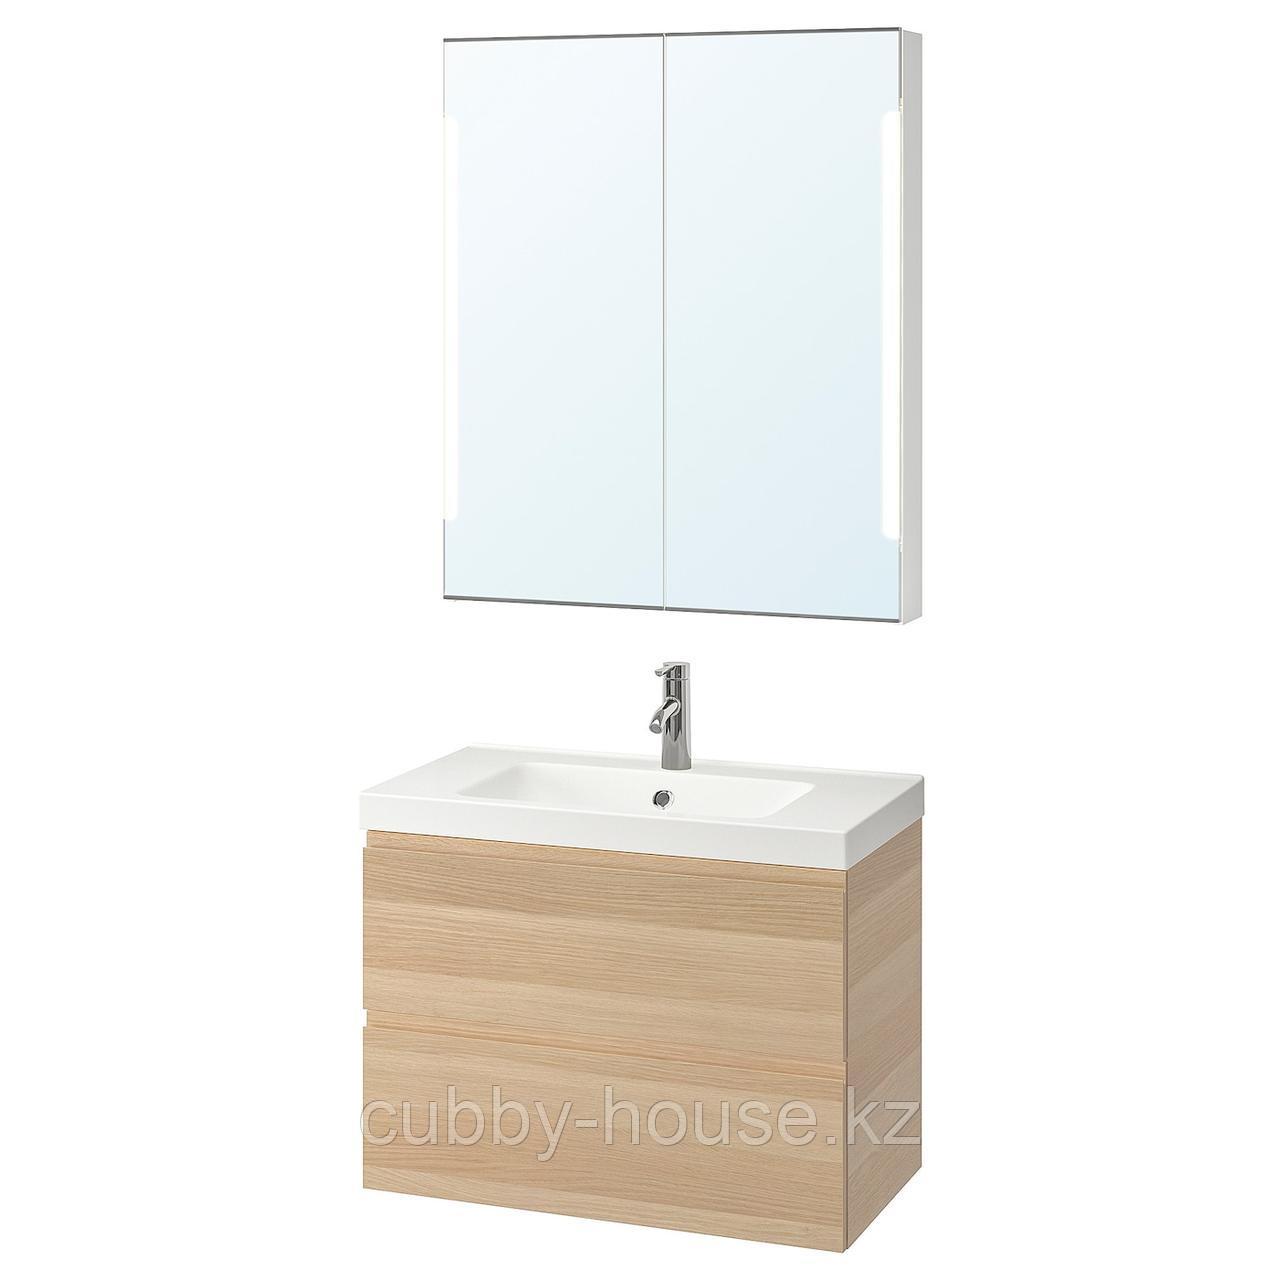 ГОДМОРГОН / ОДЕНСВИК Комплект мебели для ванной,4 предм., под беленый дуб, ДАЛЬШЕР смеситель, 83 см